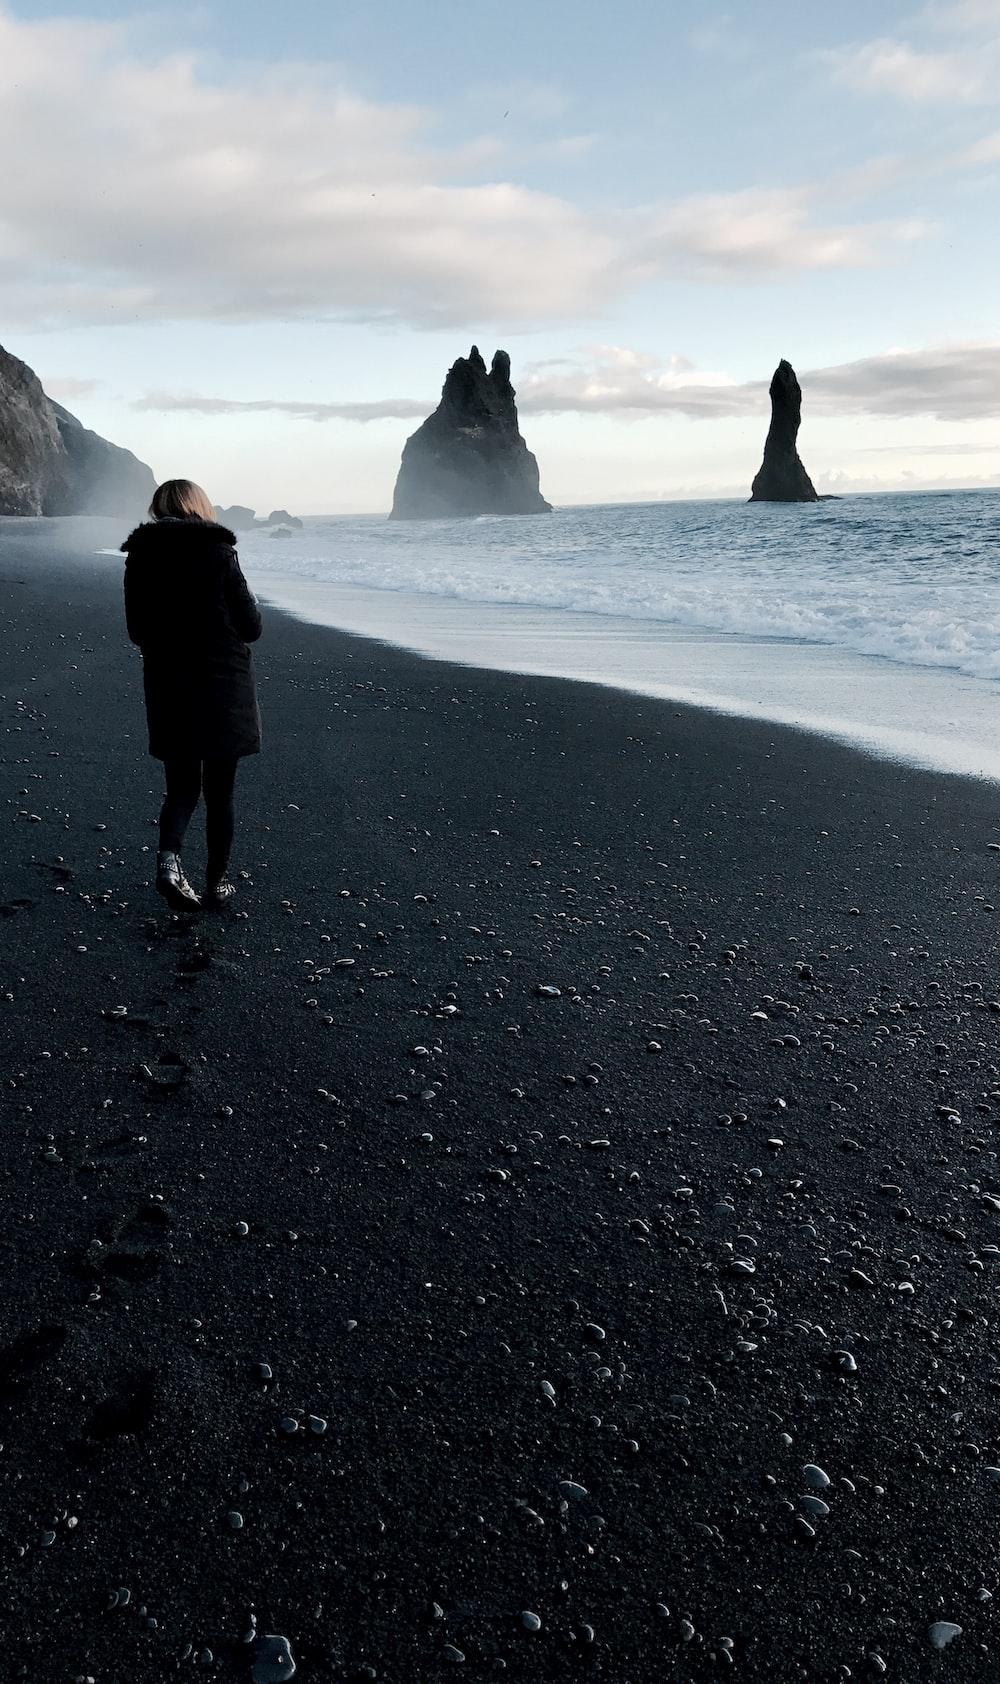 person walking near body of water